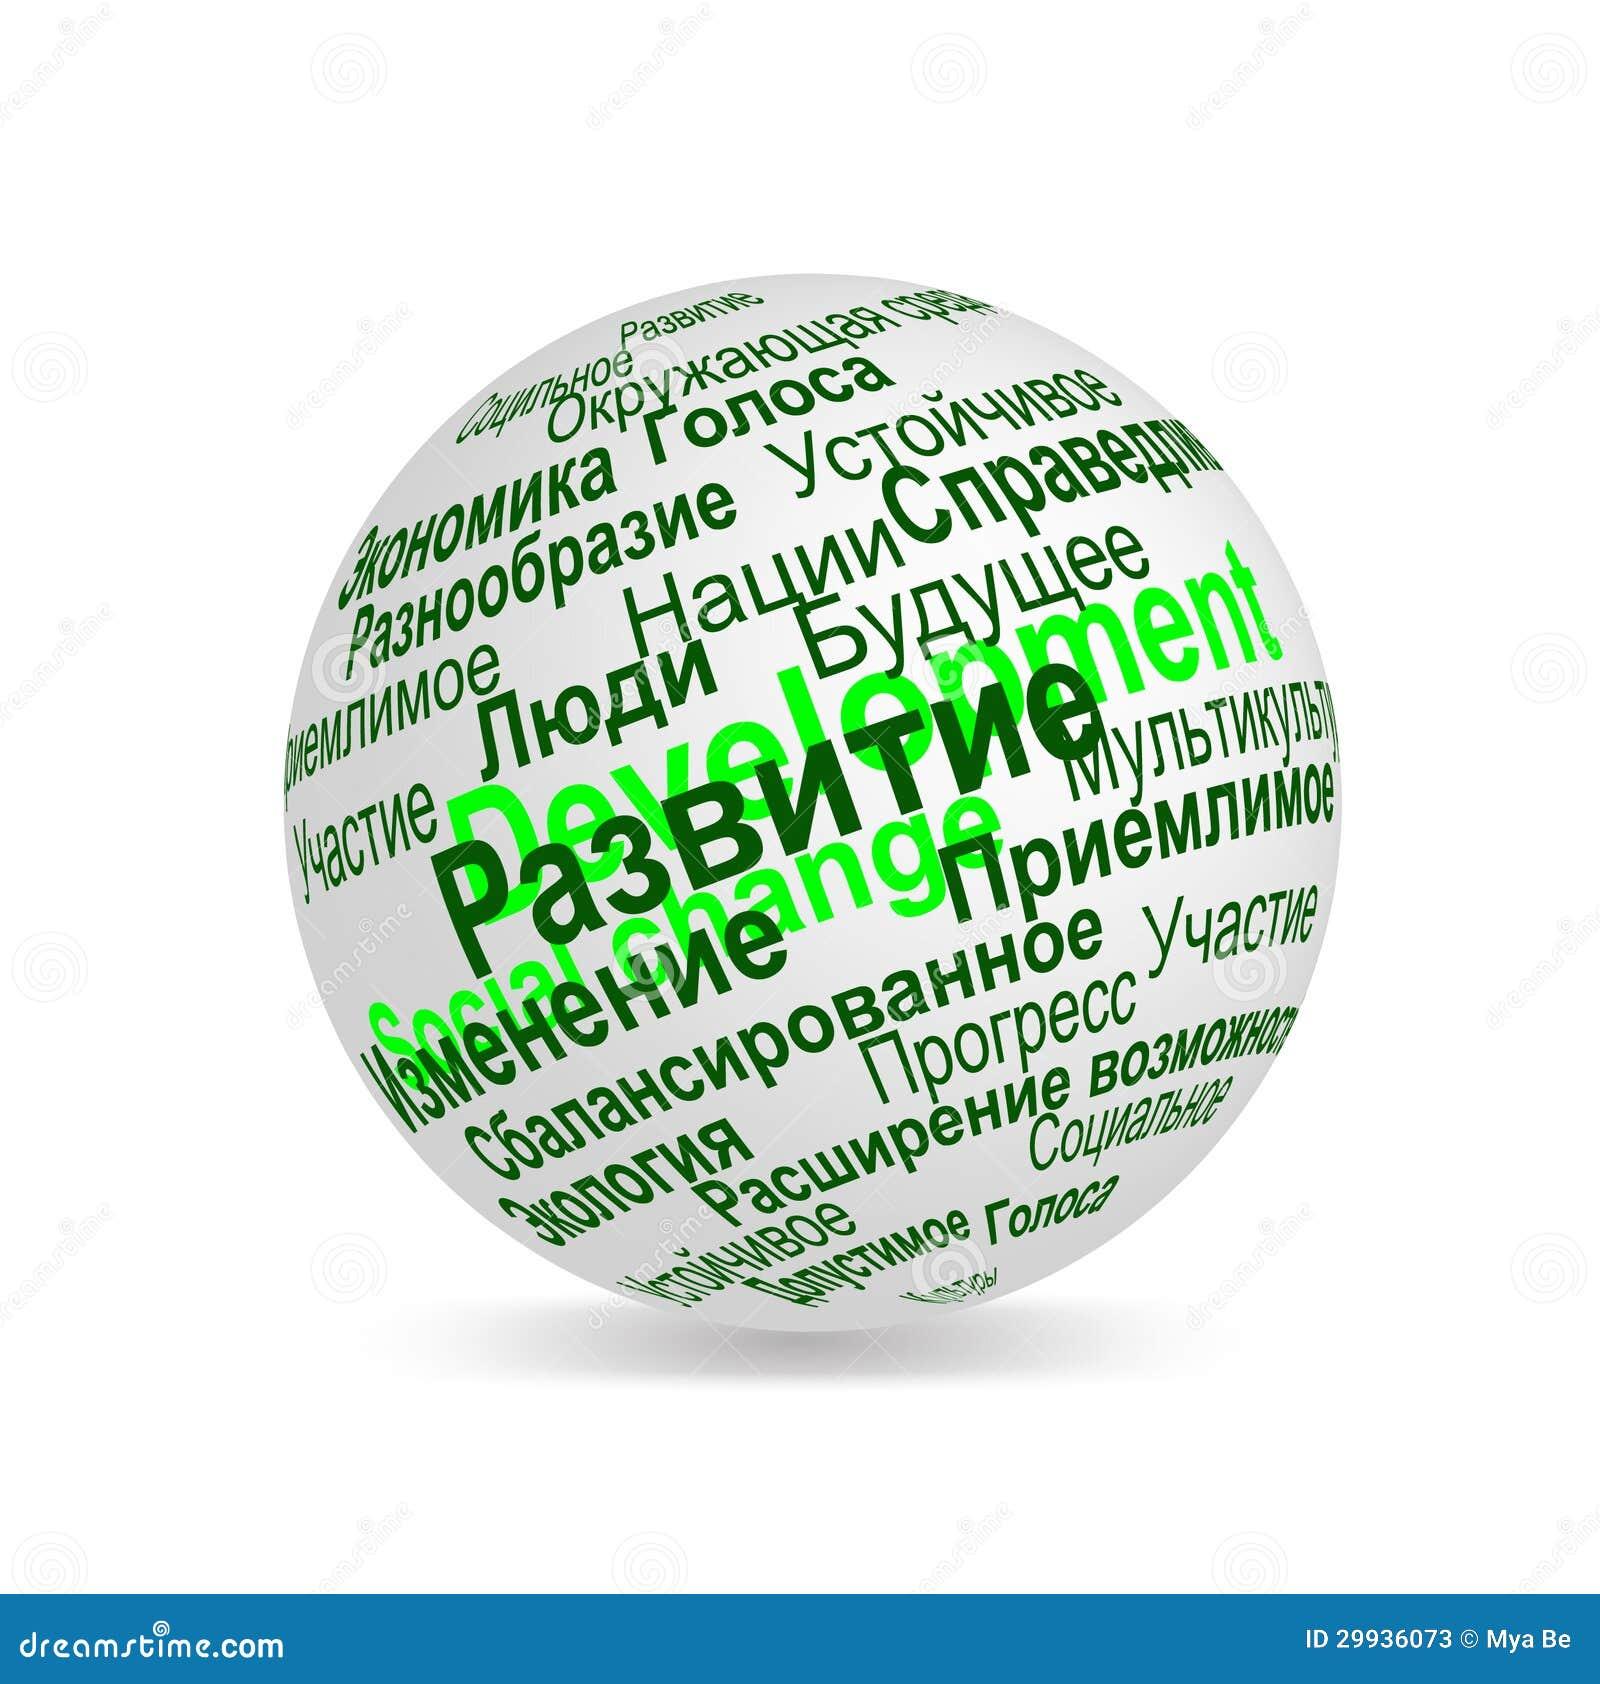 Le développement durable nomme la sphère (russe)